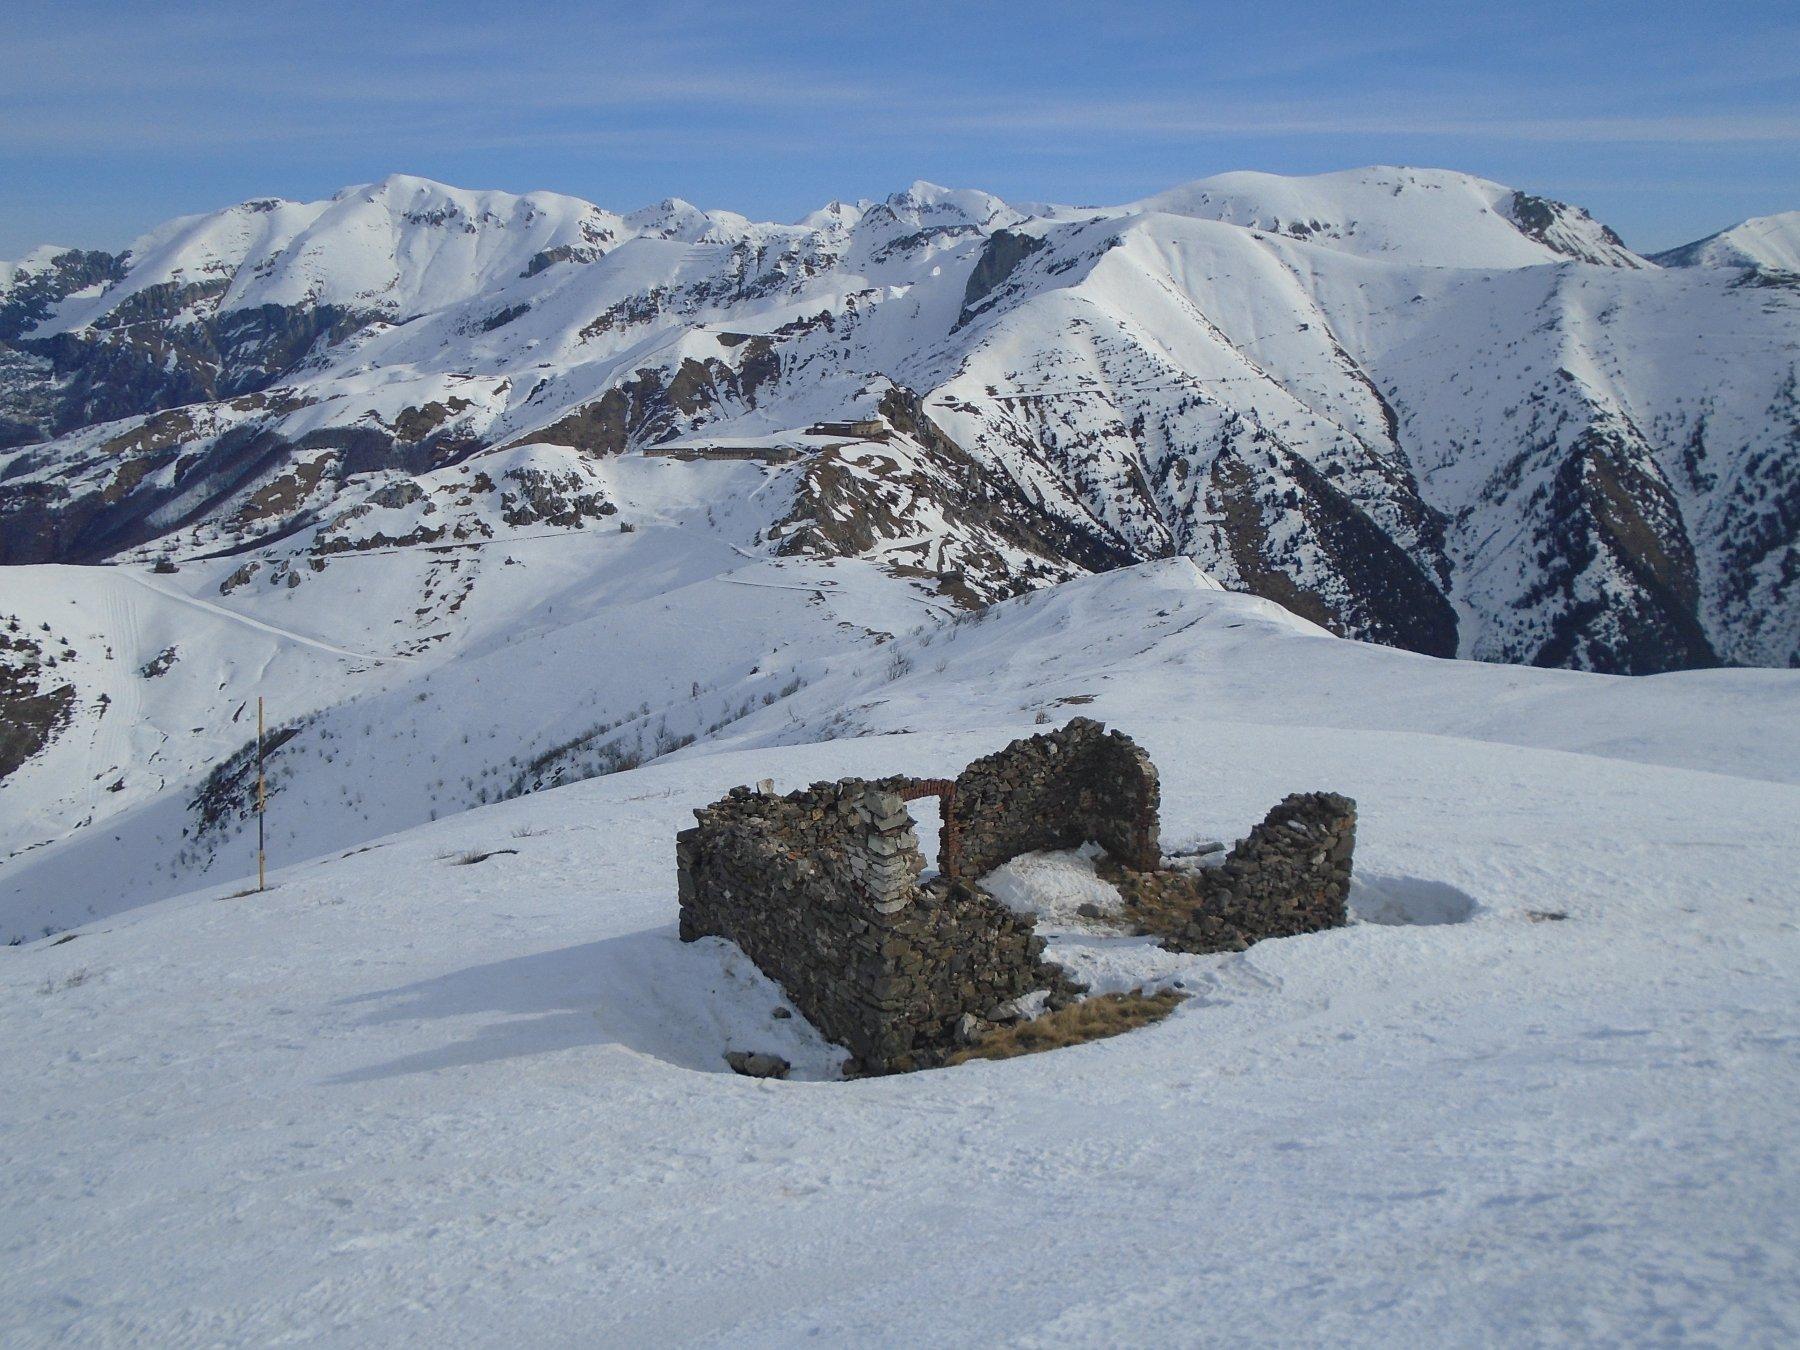 La dorsale verso Colle di Tenda e Forte Centrale.